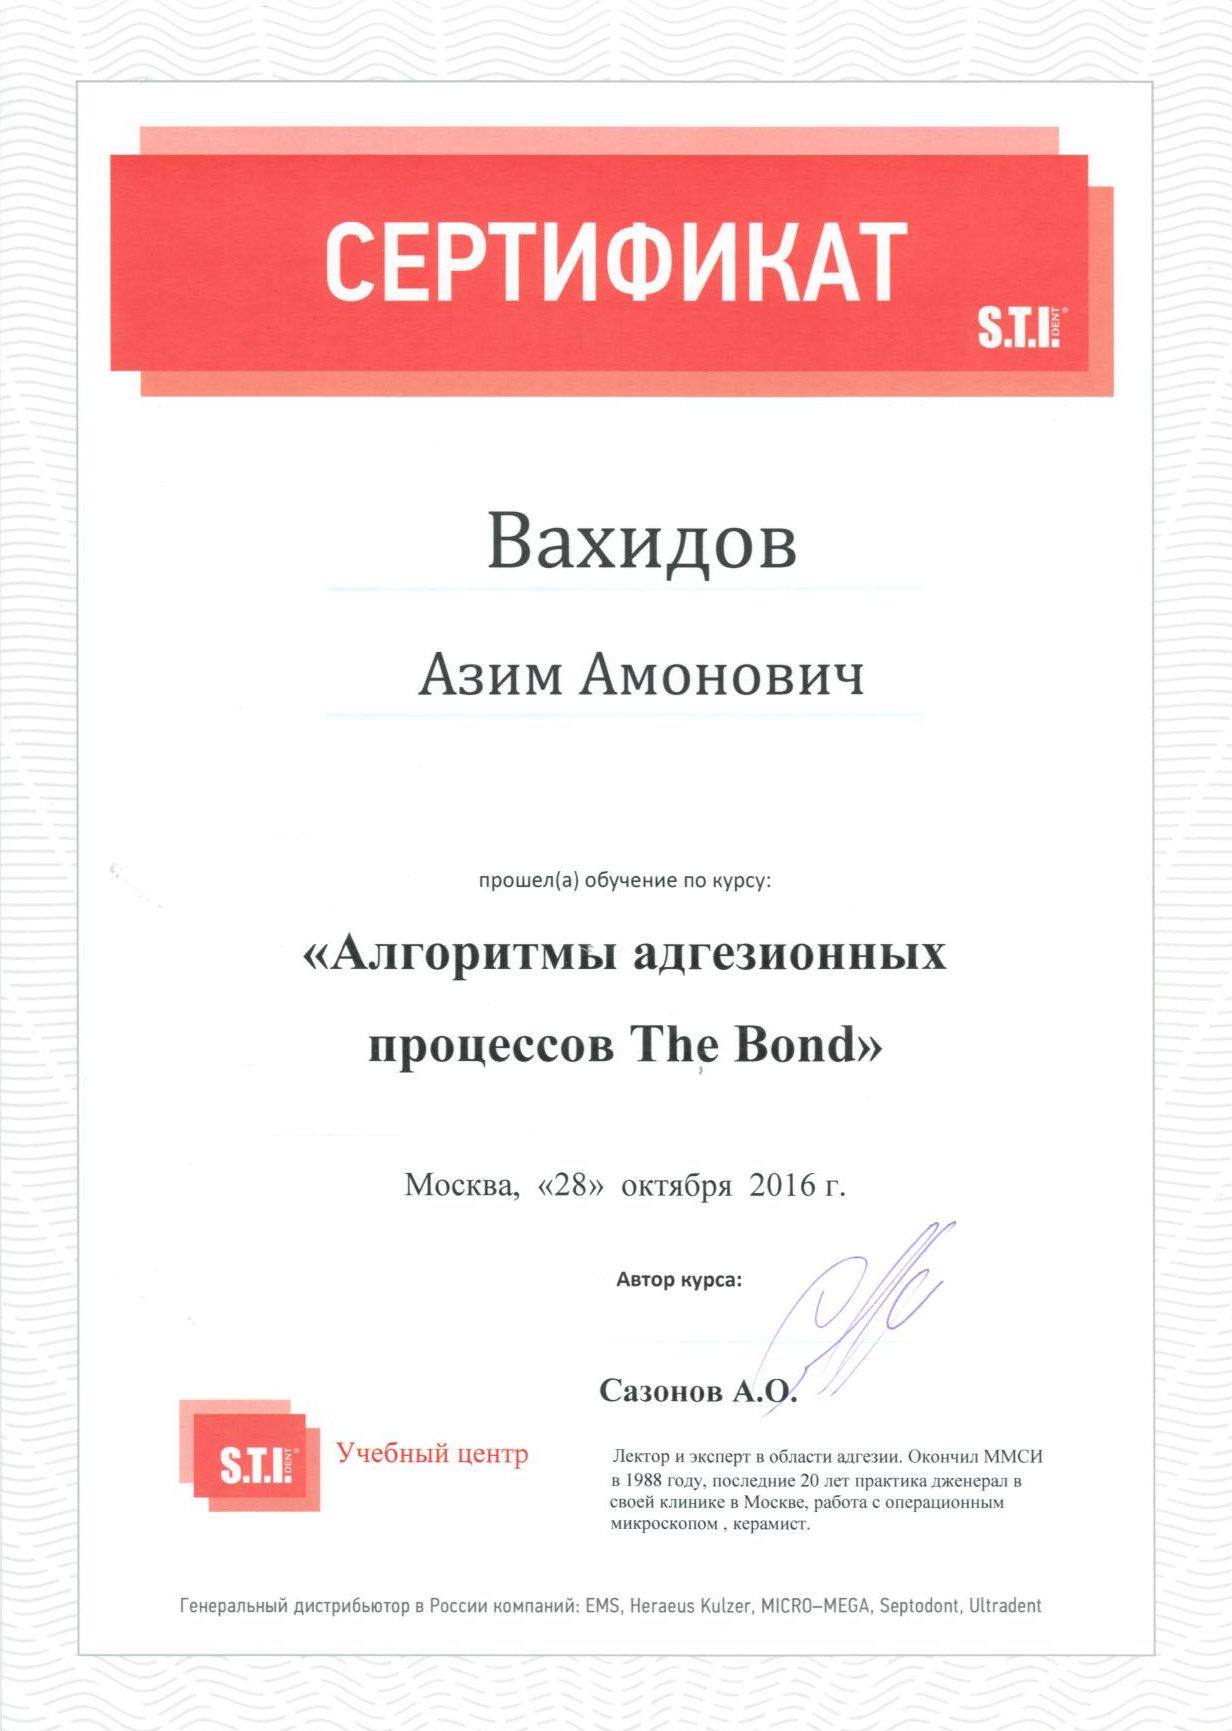 Сертификат Вахидов (2016)